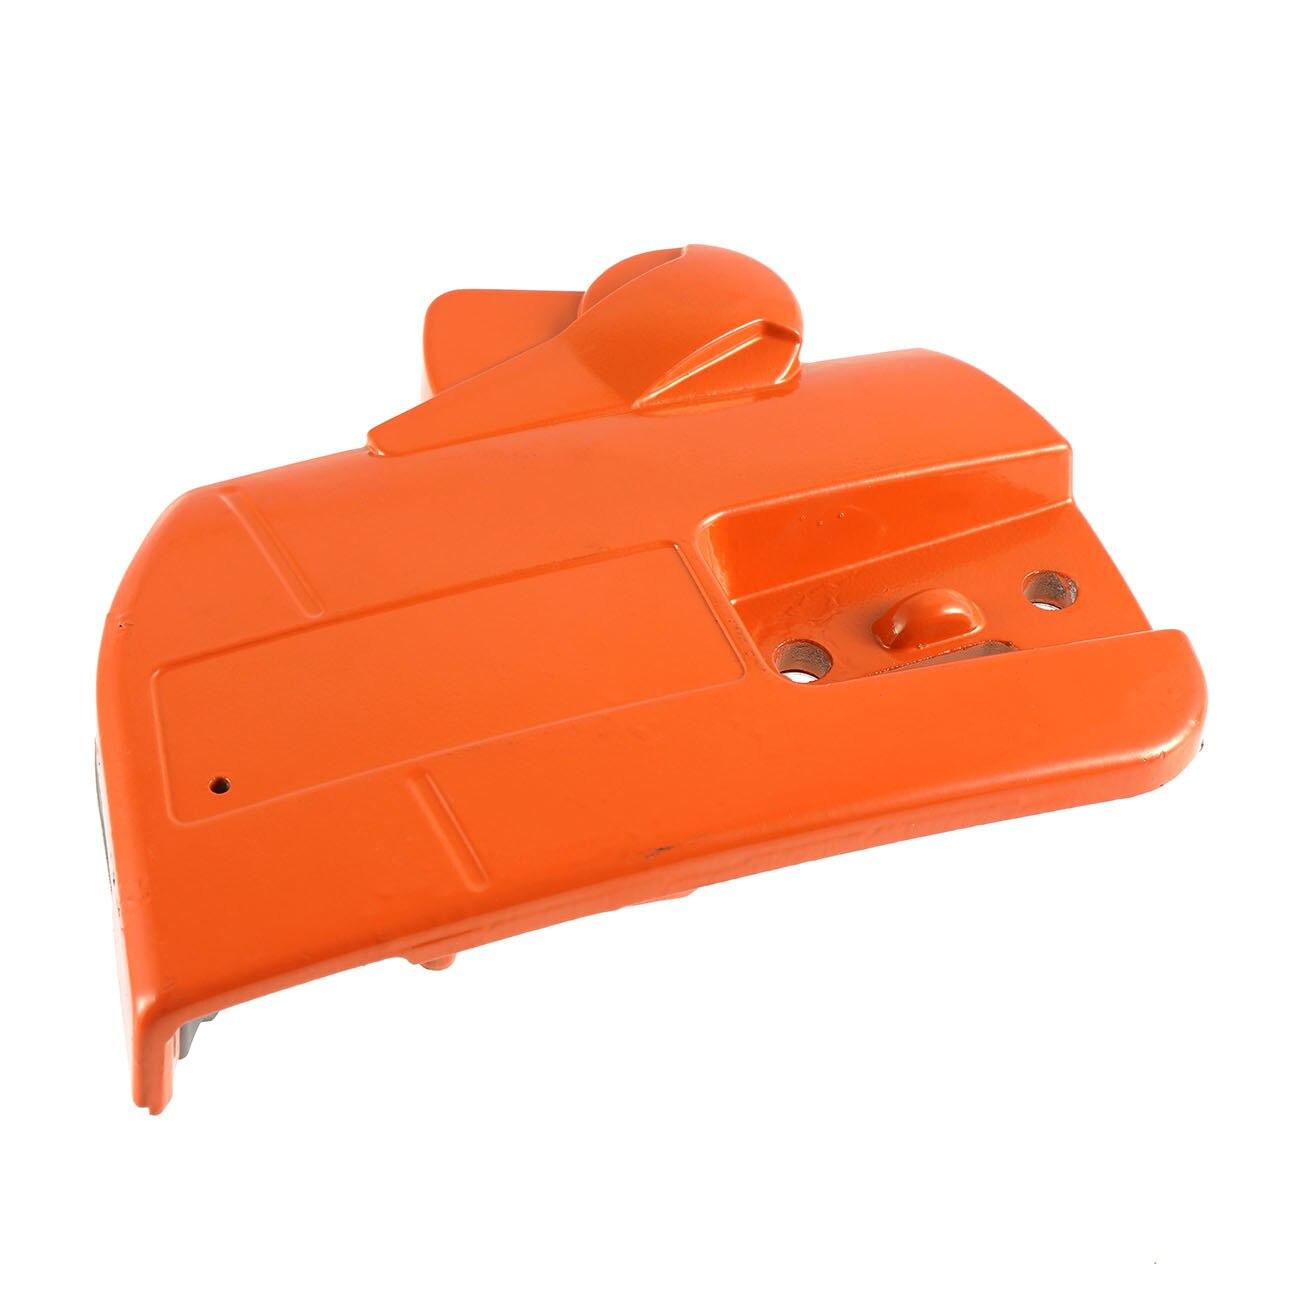 Brake Side Cover Clutch Sprocket For Husqvarna 340 345 346 350 353 357 359